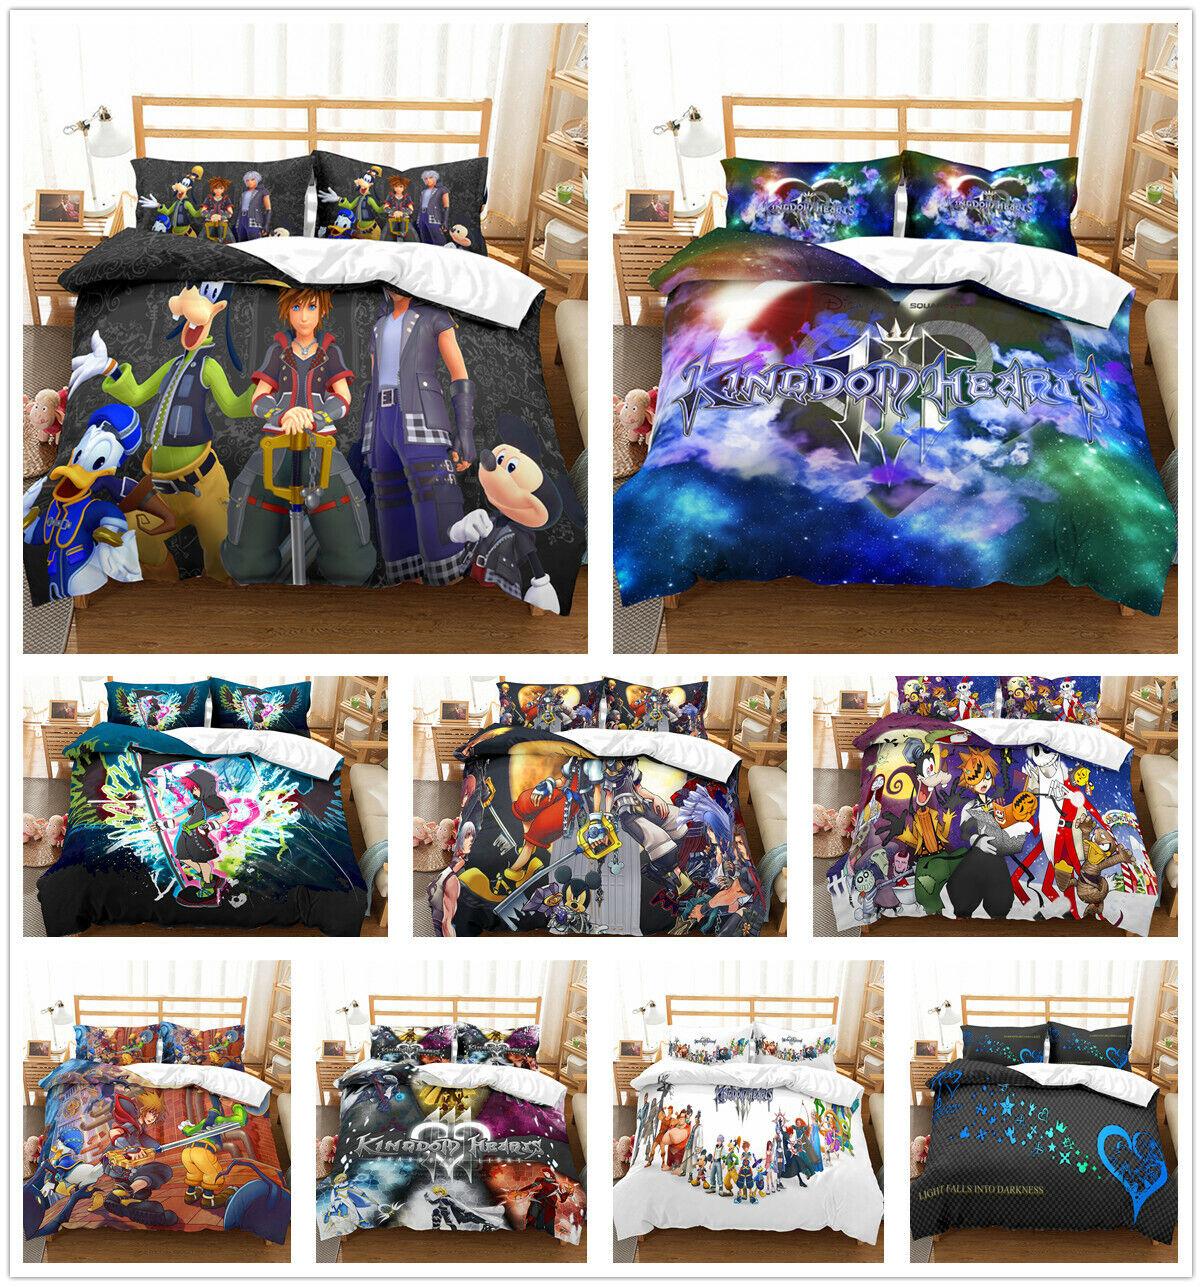 3D Kingdom Hearts Dream Eater Duvet Cover Bedding Set Pillowcase Comforter Cover